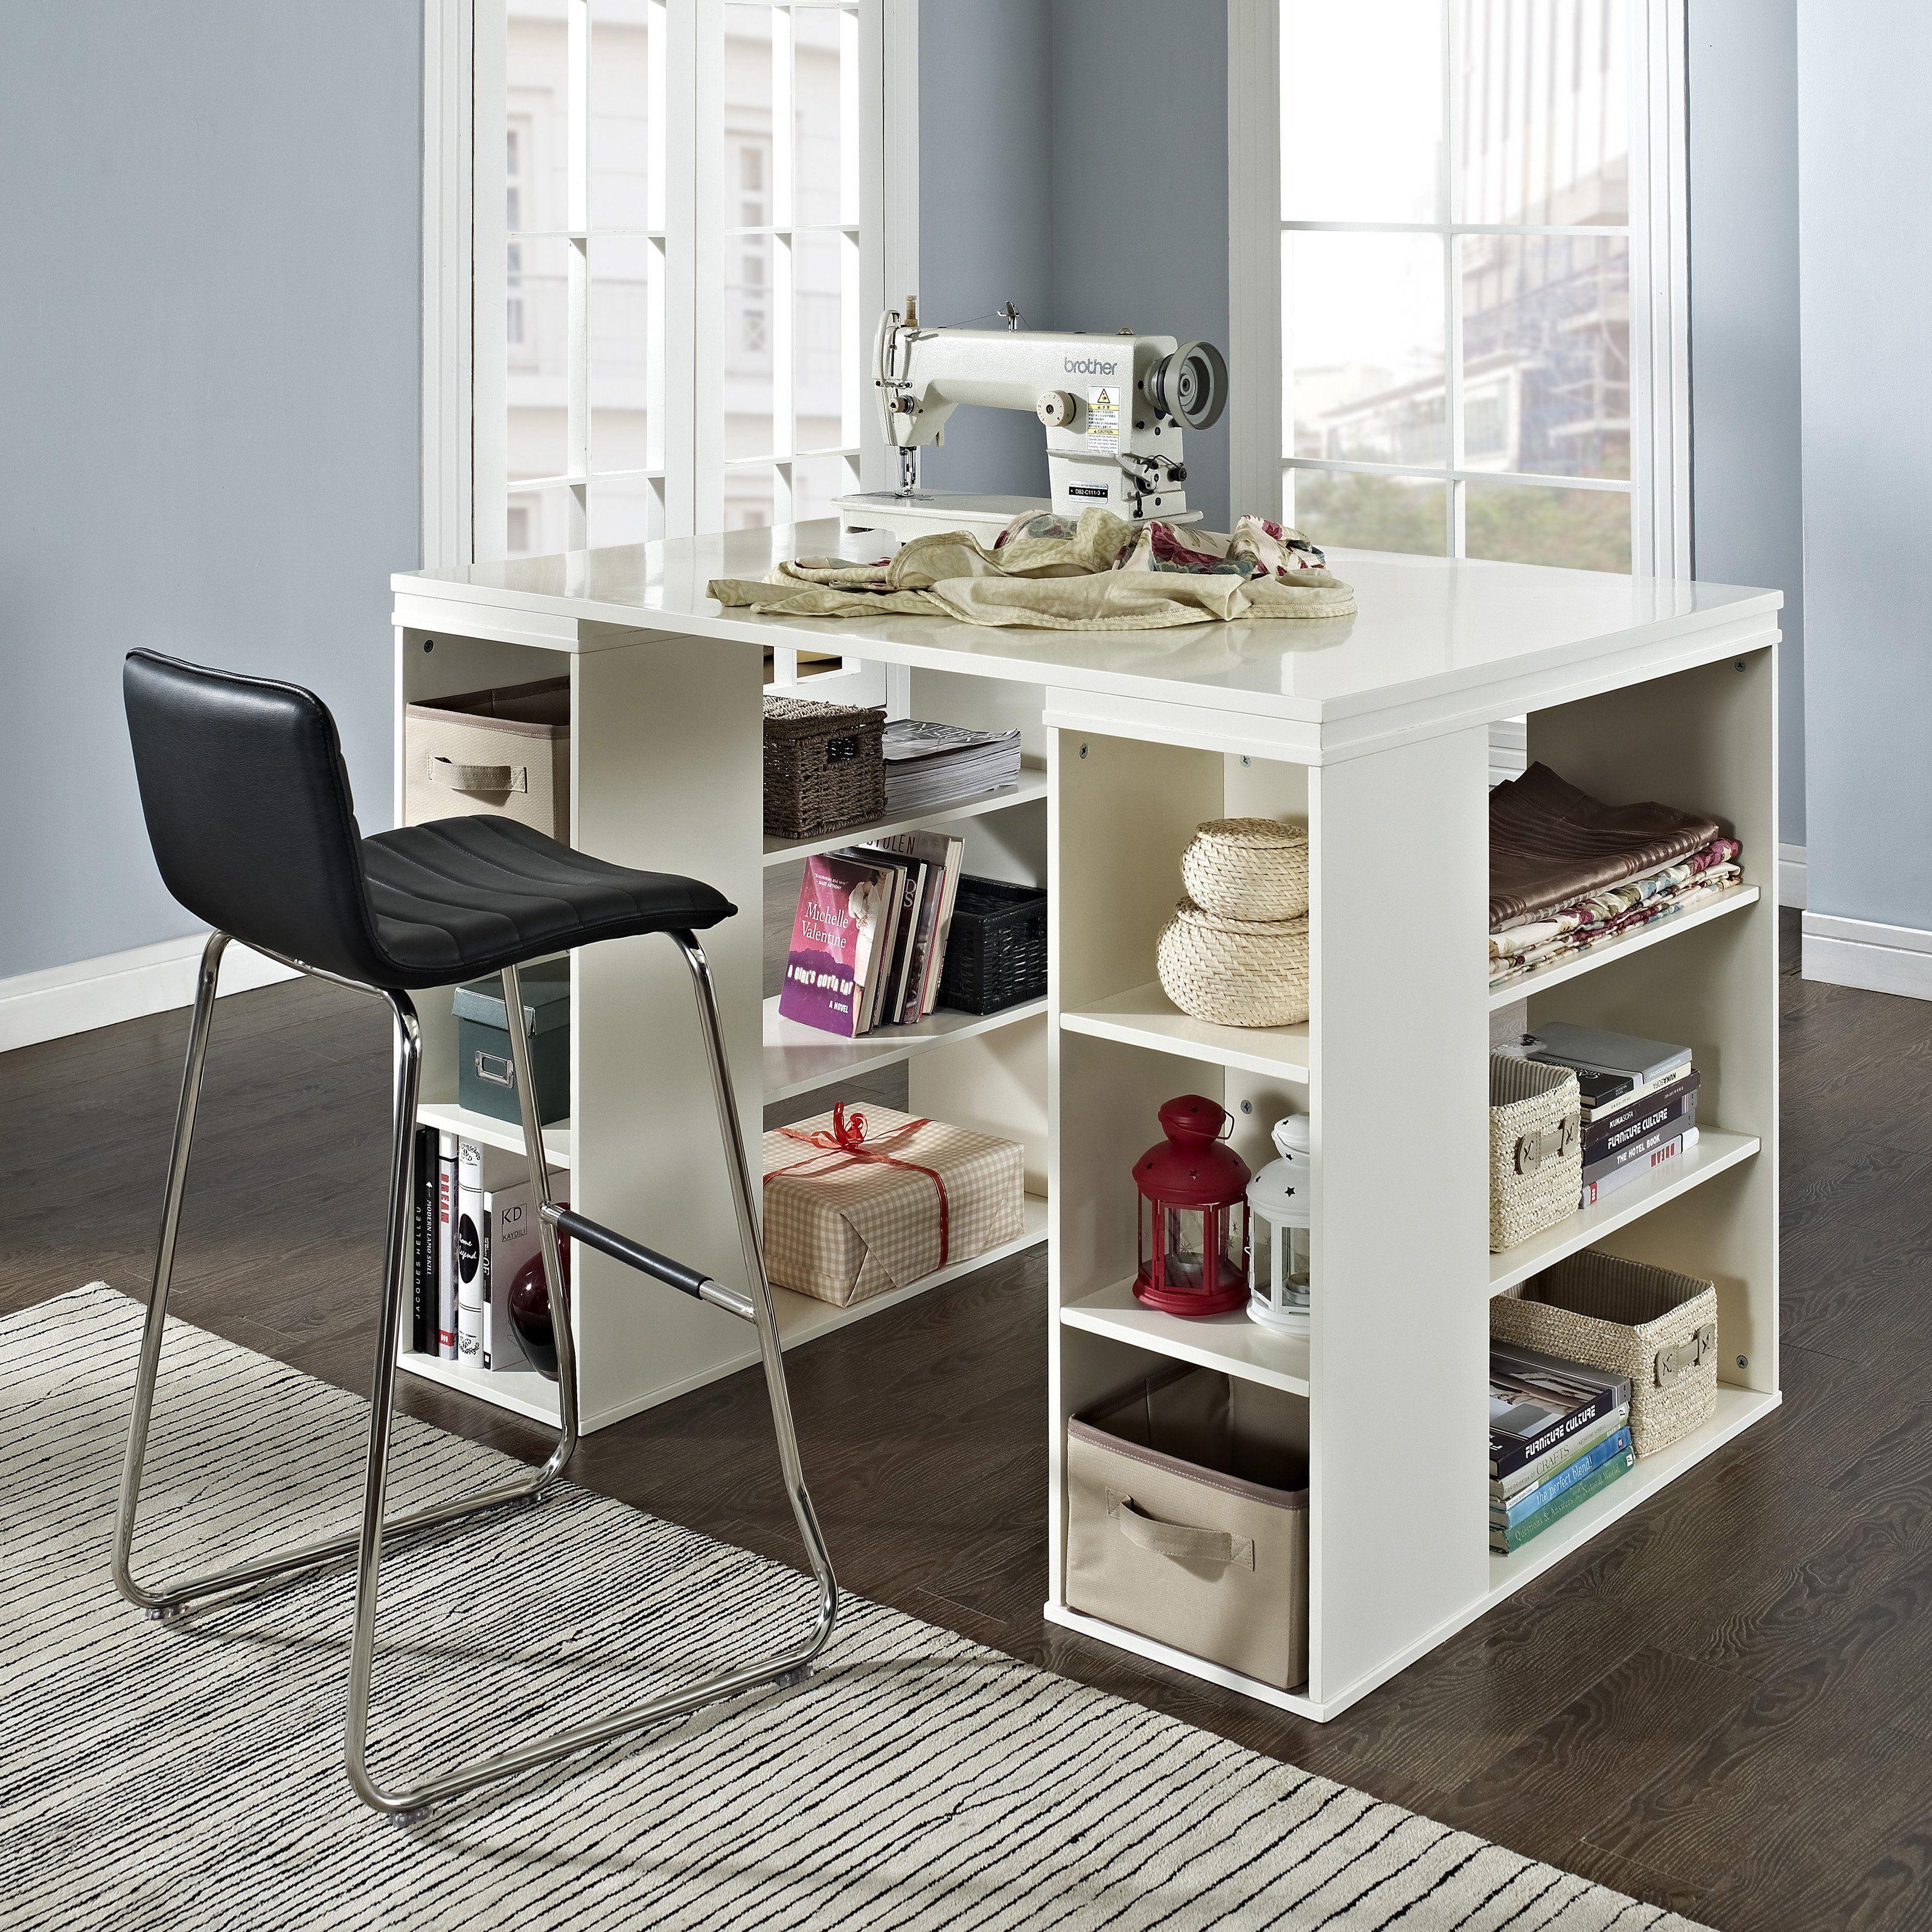 Sullivan Counter Height Craft Table Vanilla Www Hayneedle Com Counter Height Desk Craft Tables With Storage Craft Table